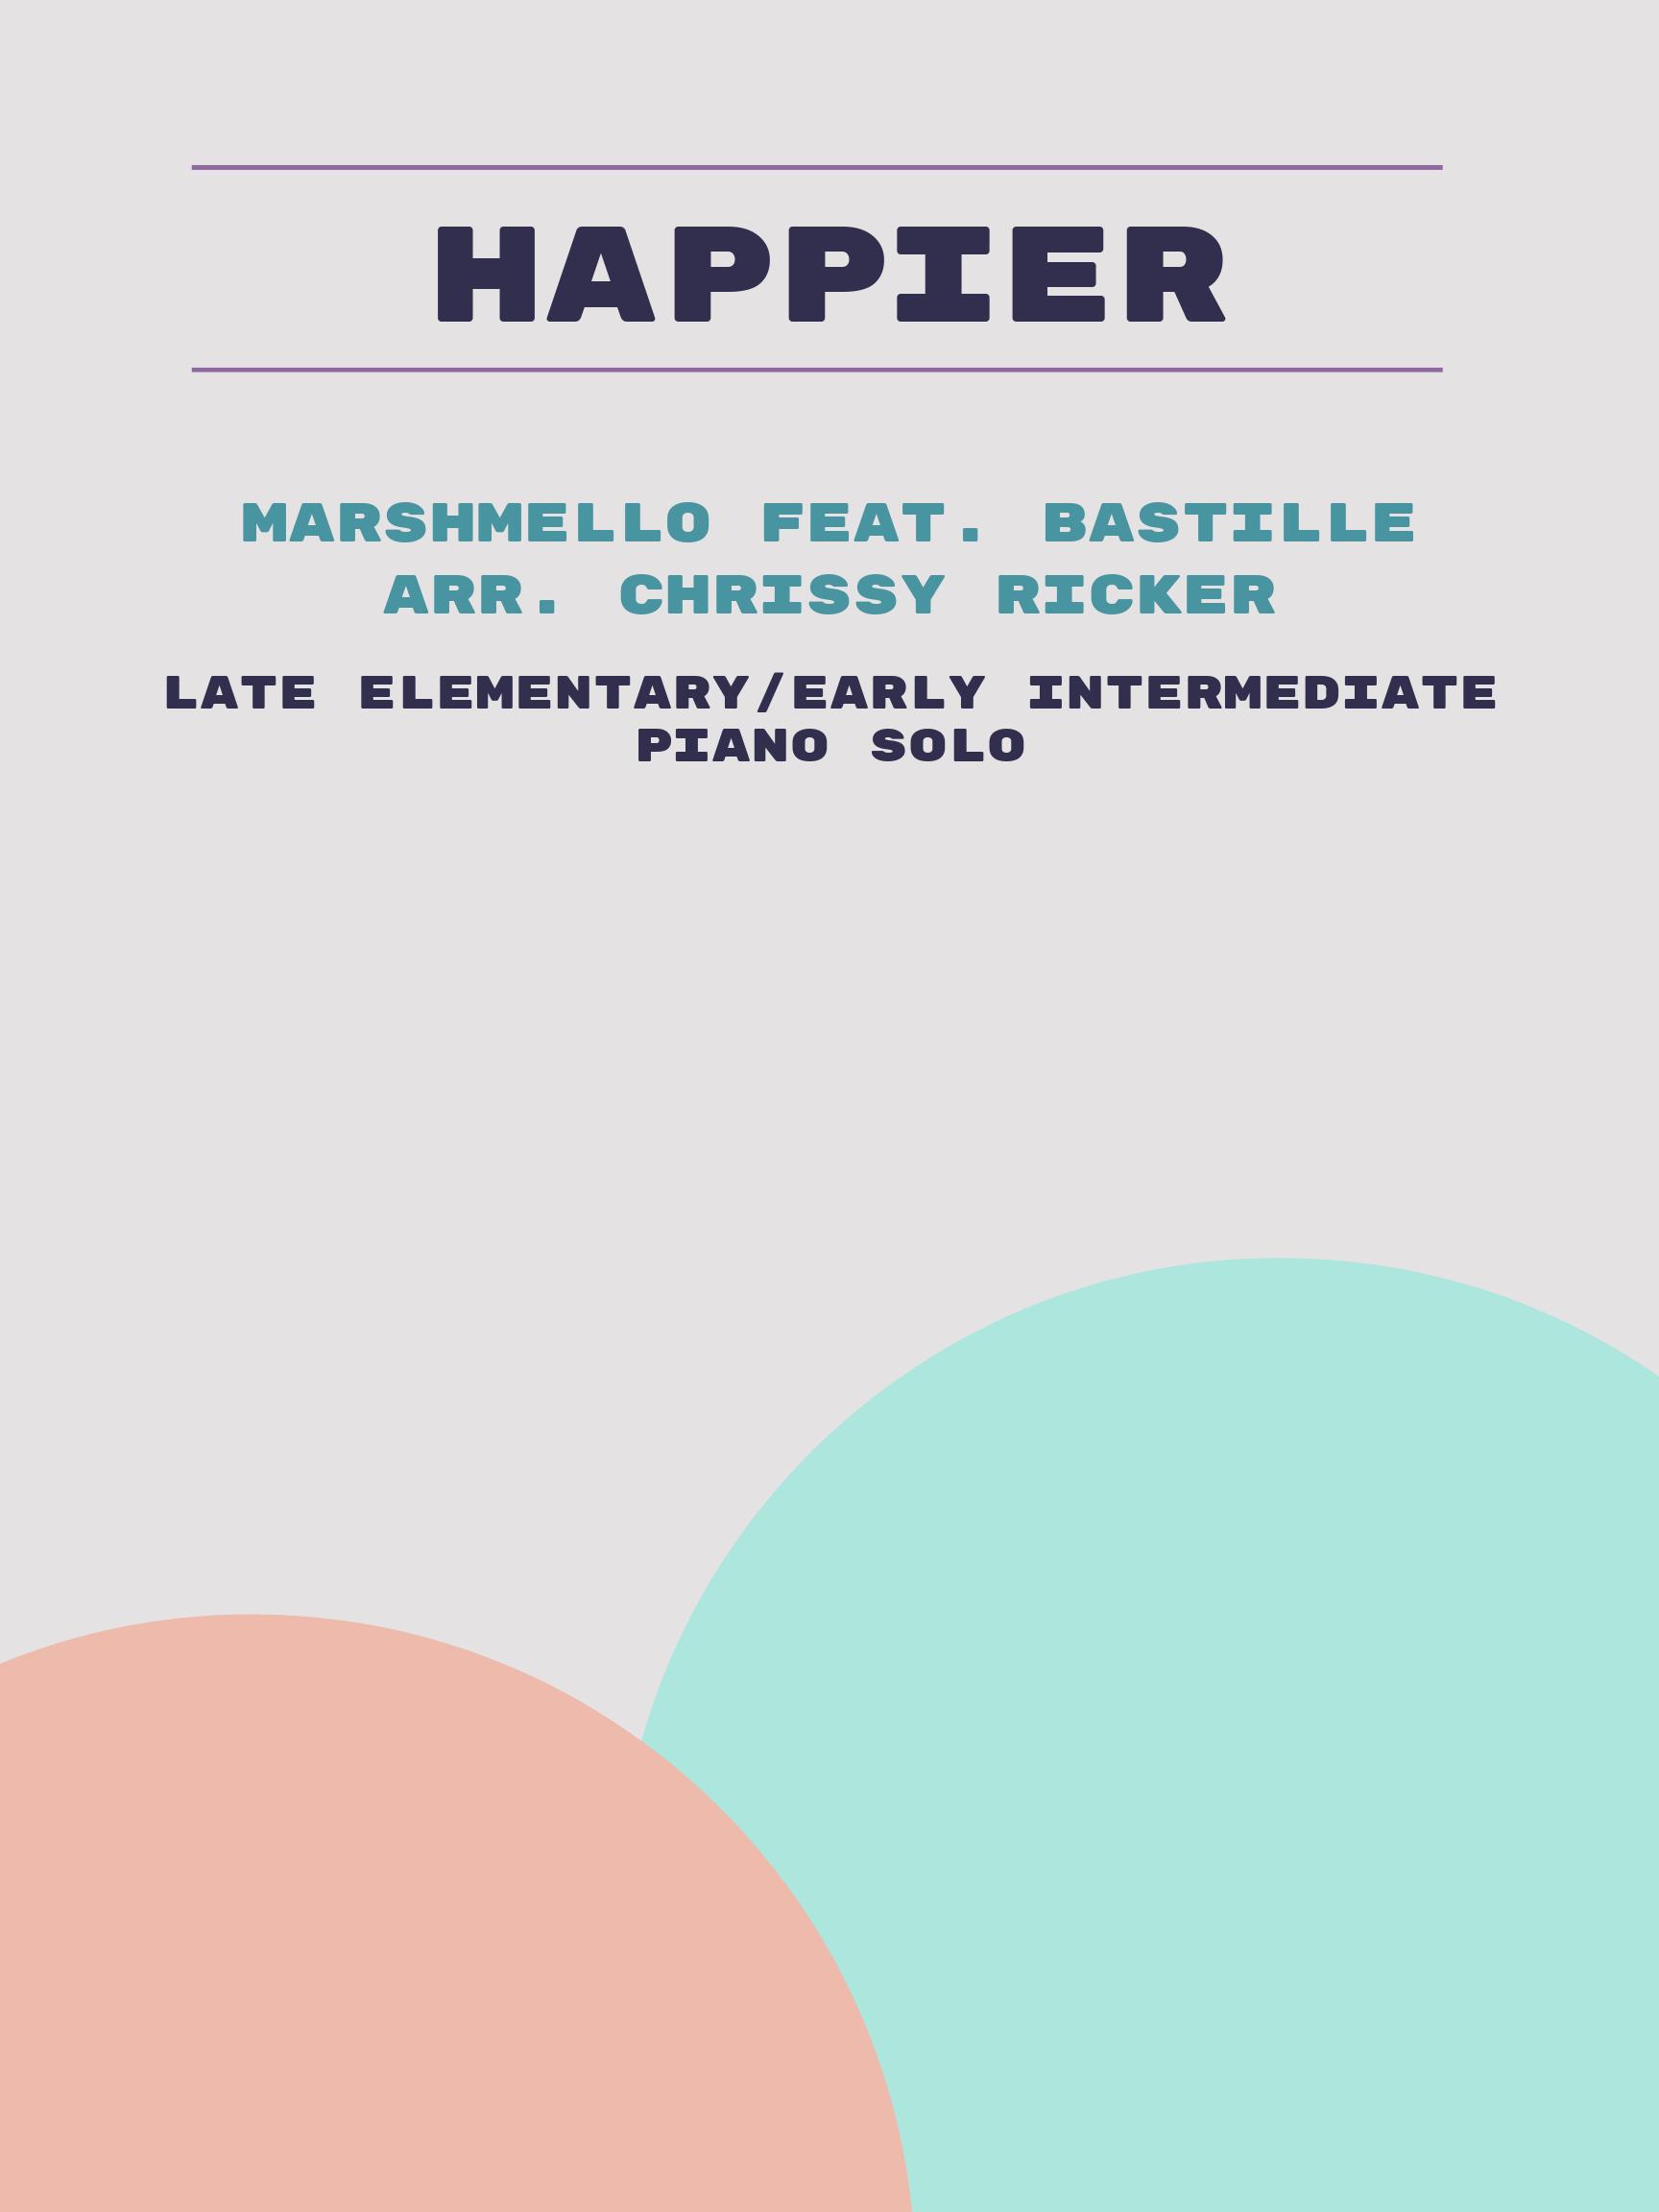 Happier by Marshmello feat. Bastille